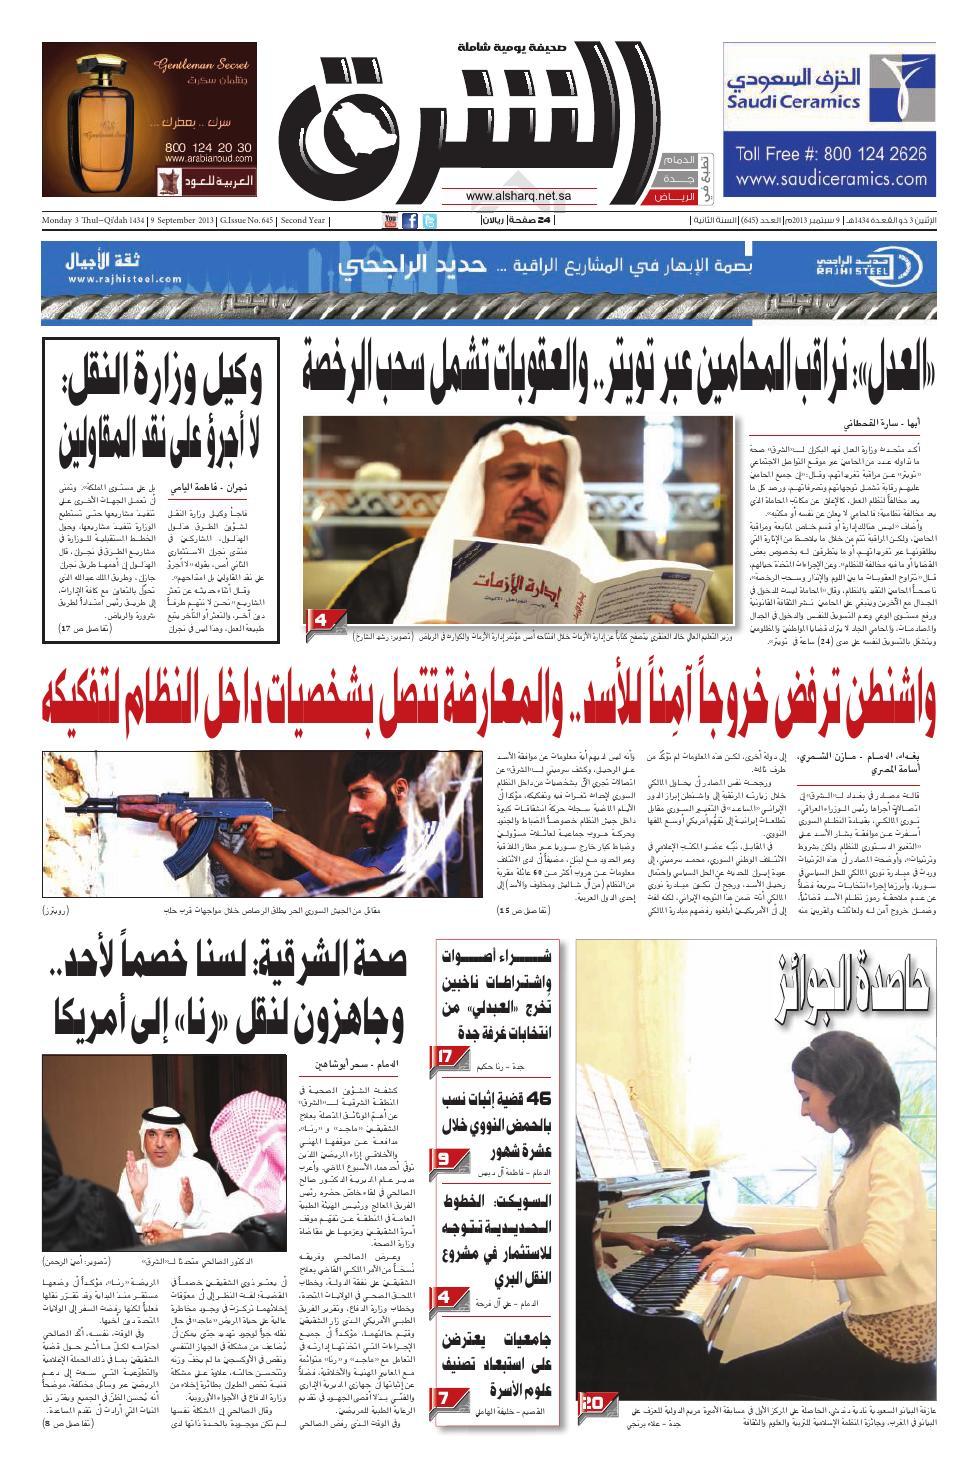 c7658d7ad صحيفة الشرق - العدد 645 - نسخة الرياض by صحيفة الشرق السعودية - issuu